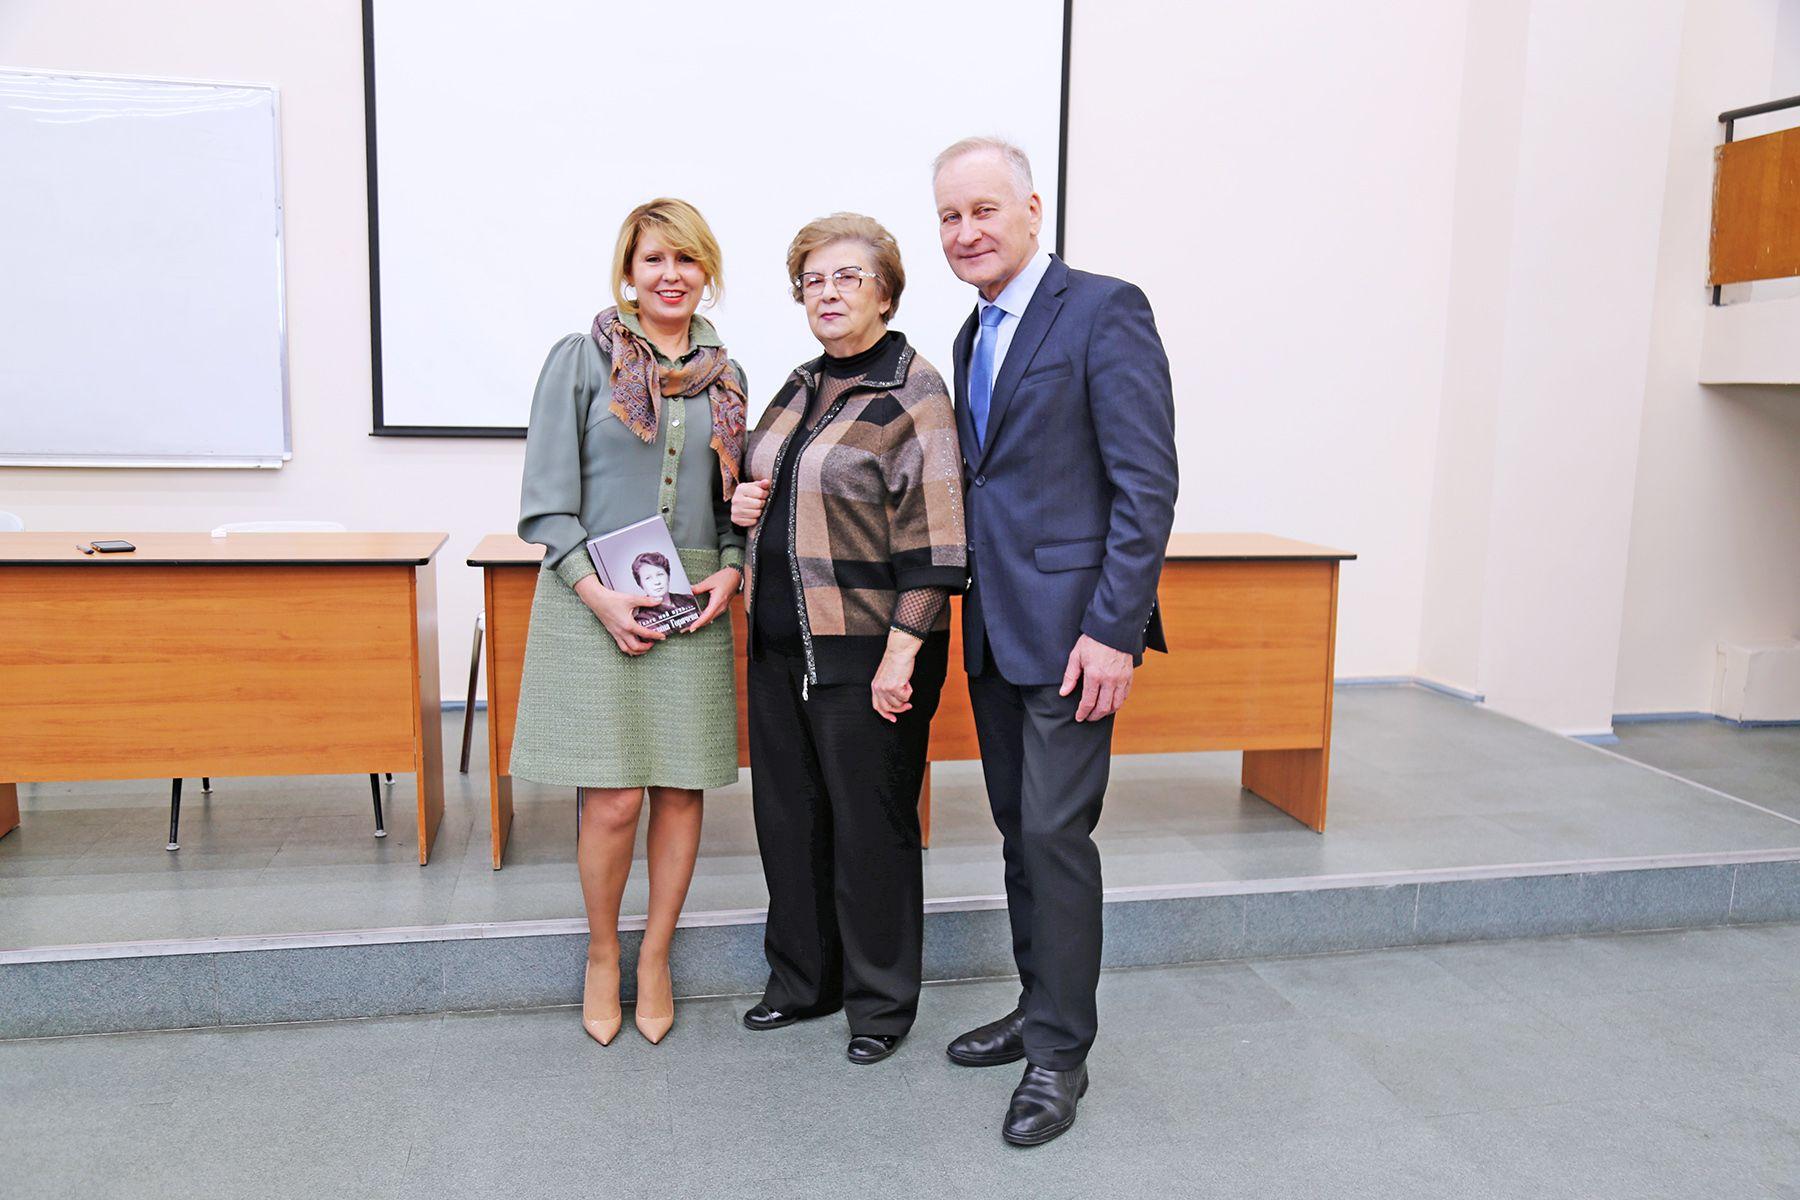 Светлана Горячева: «ВГУЭС идёт своим путём, и он - достойный»